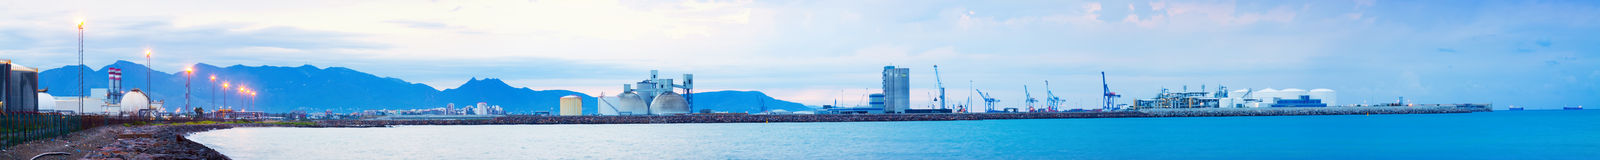 Panarama von Puerto de Castellon - Industriehafen Stockbilder